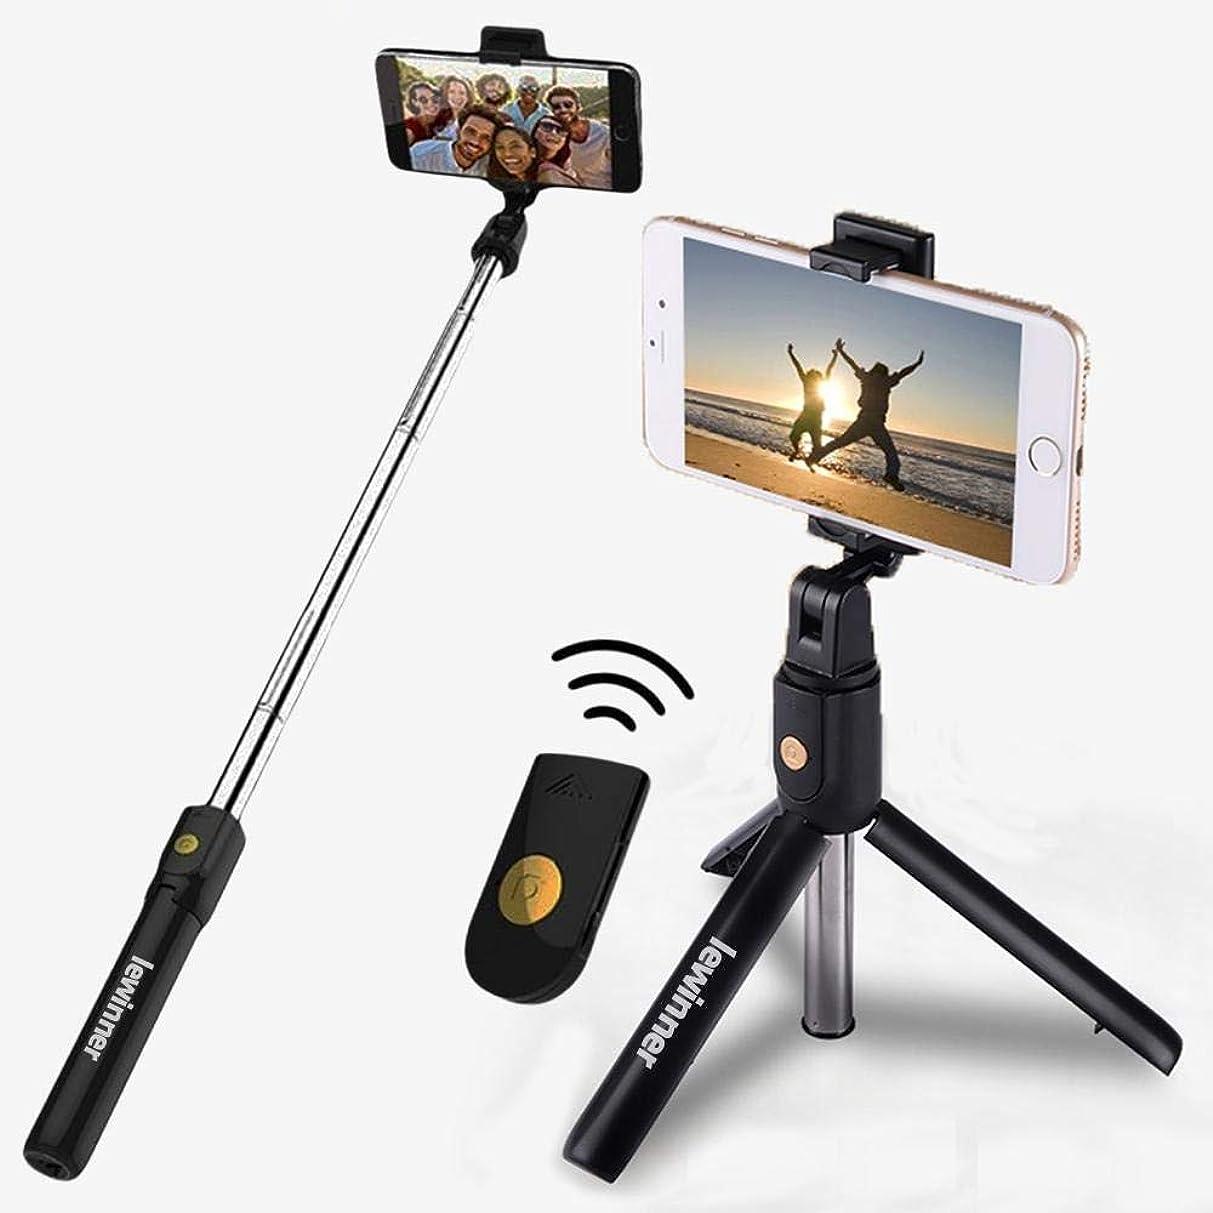 食事メダリスト脱臼するZhexun サムスン/Huawei社のために私の電話X 8 7 6Sの電話三脚3 1ワイヤレスBluetoothで自分撮りスティック、ミニ三脚一脚拡張可能なユニバーサル